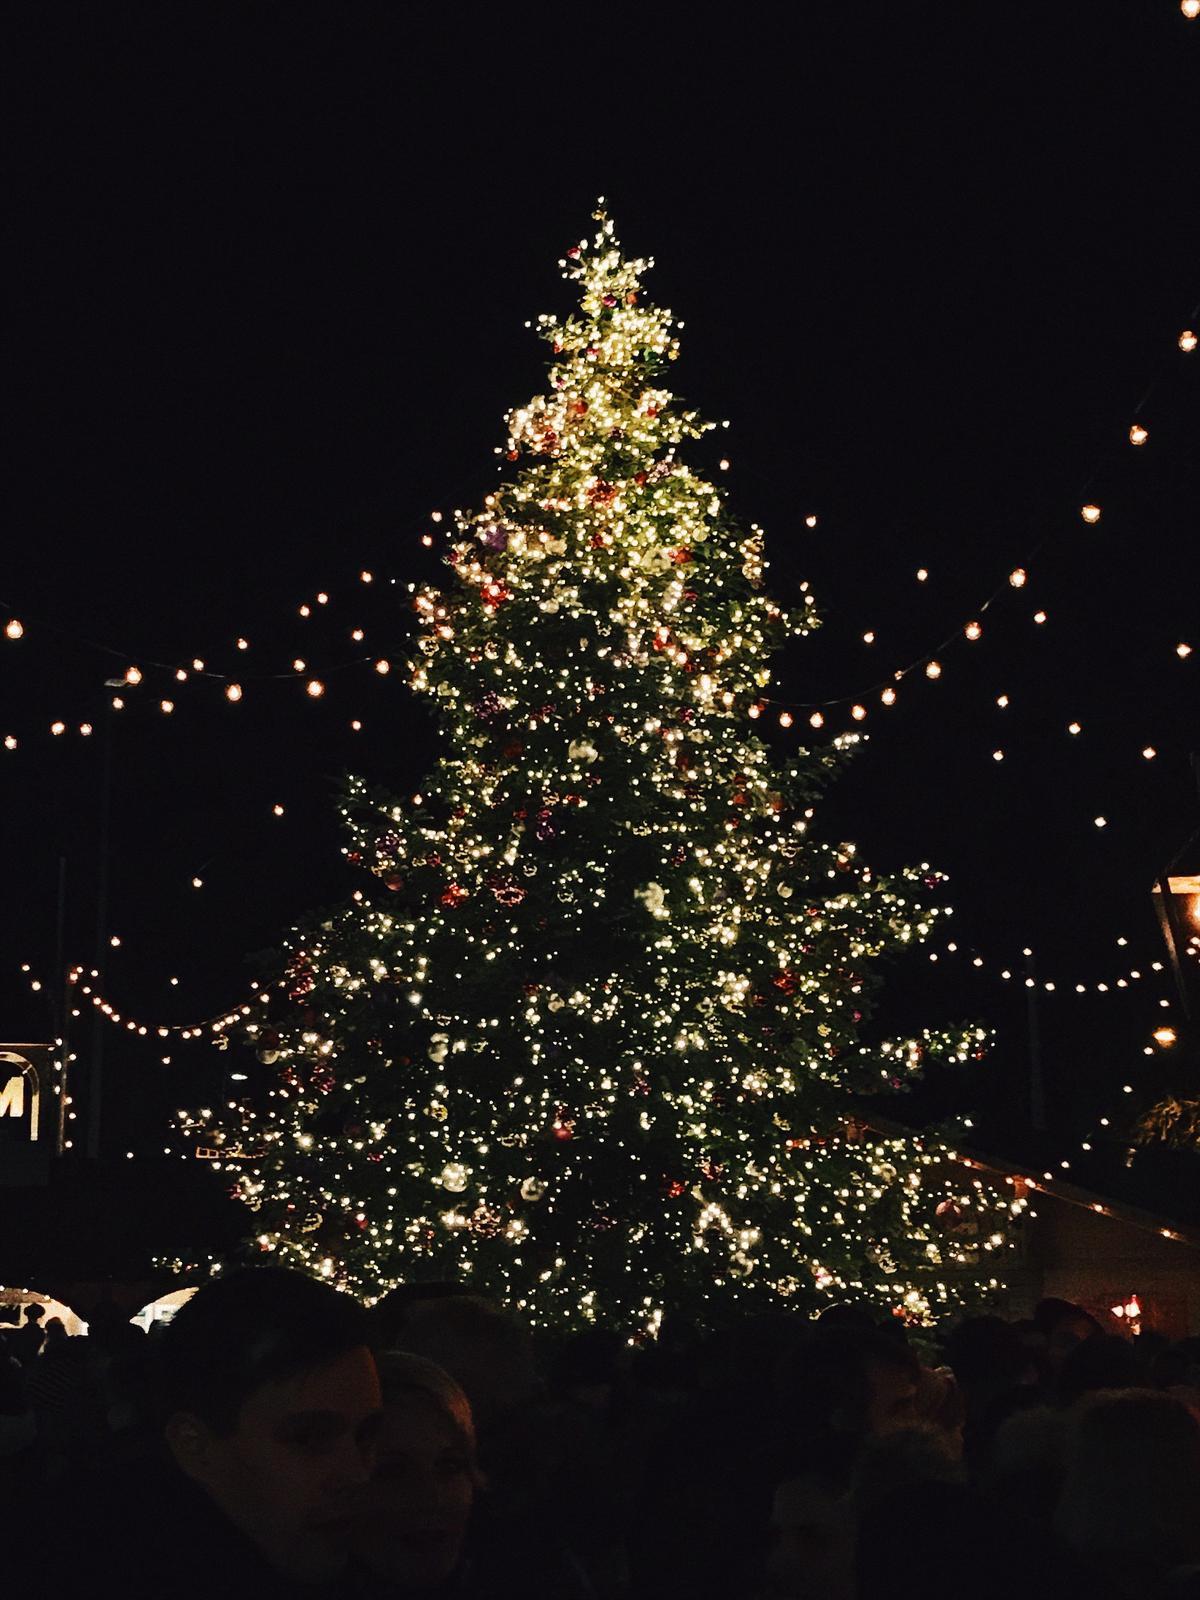 Vianoce 2016 - nadherny stromcek, minulorocny ak si dobre spominam bol farebny.. alebo len gule? an nevim uz